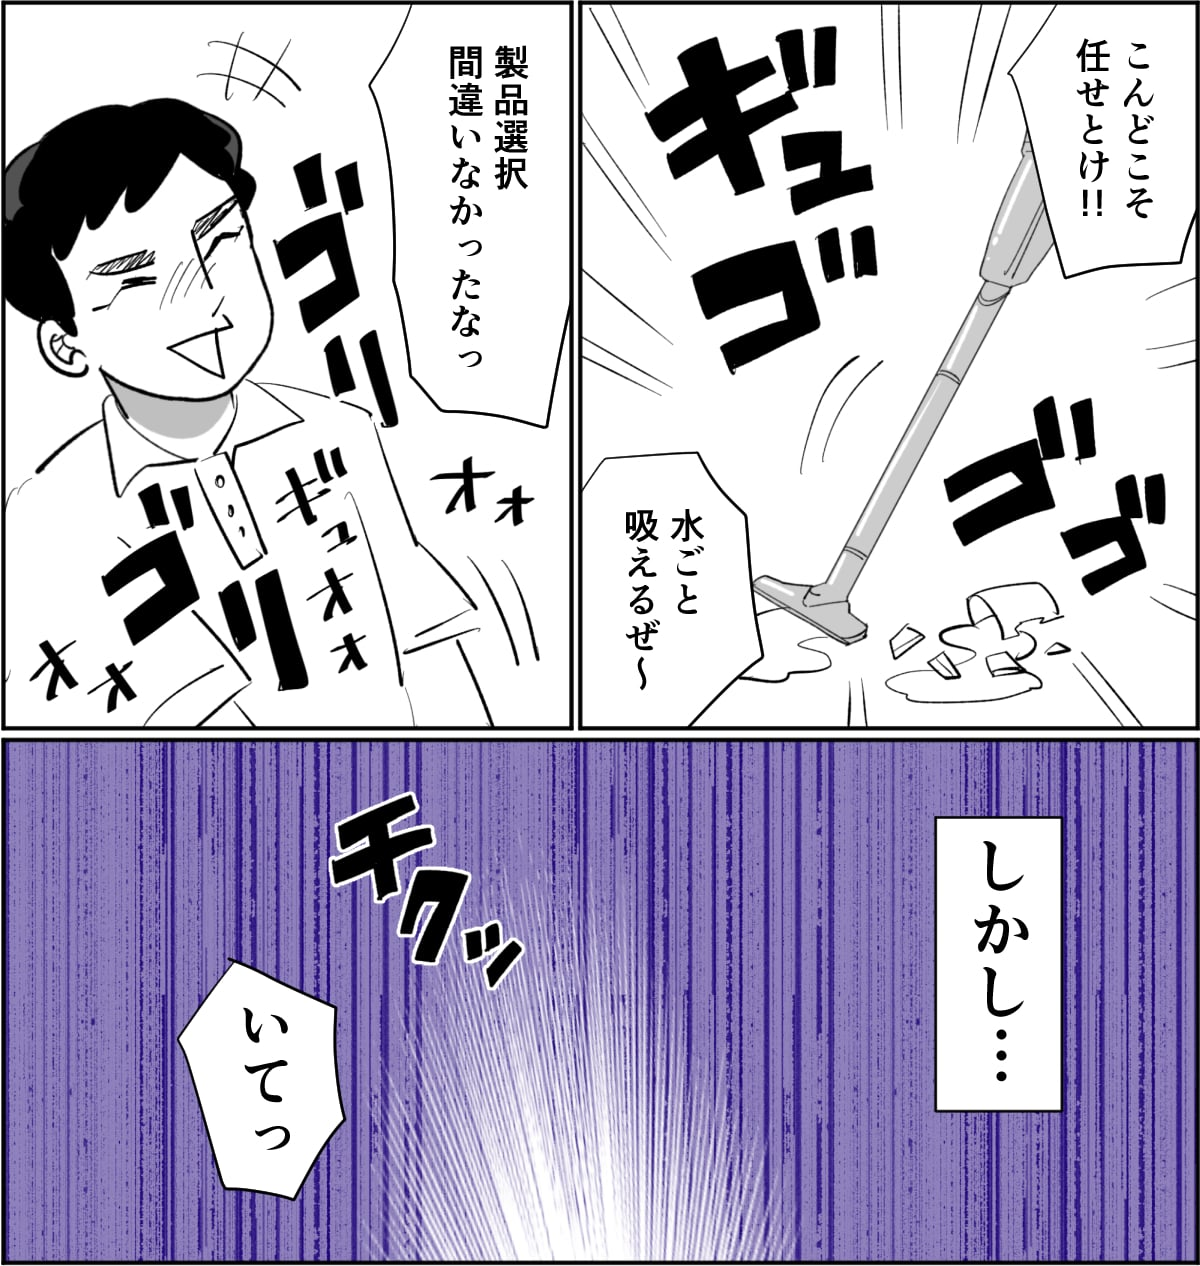 【後編:ギリギリ旦那11】-2